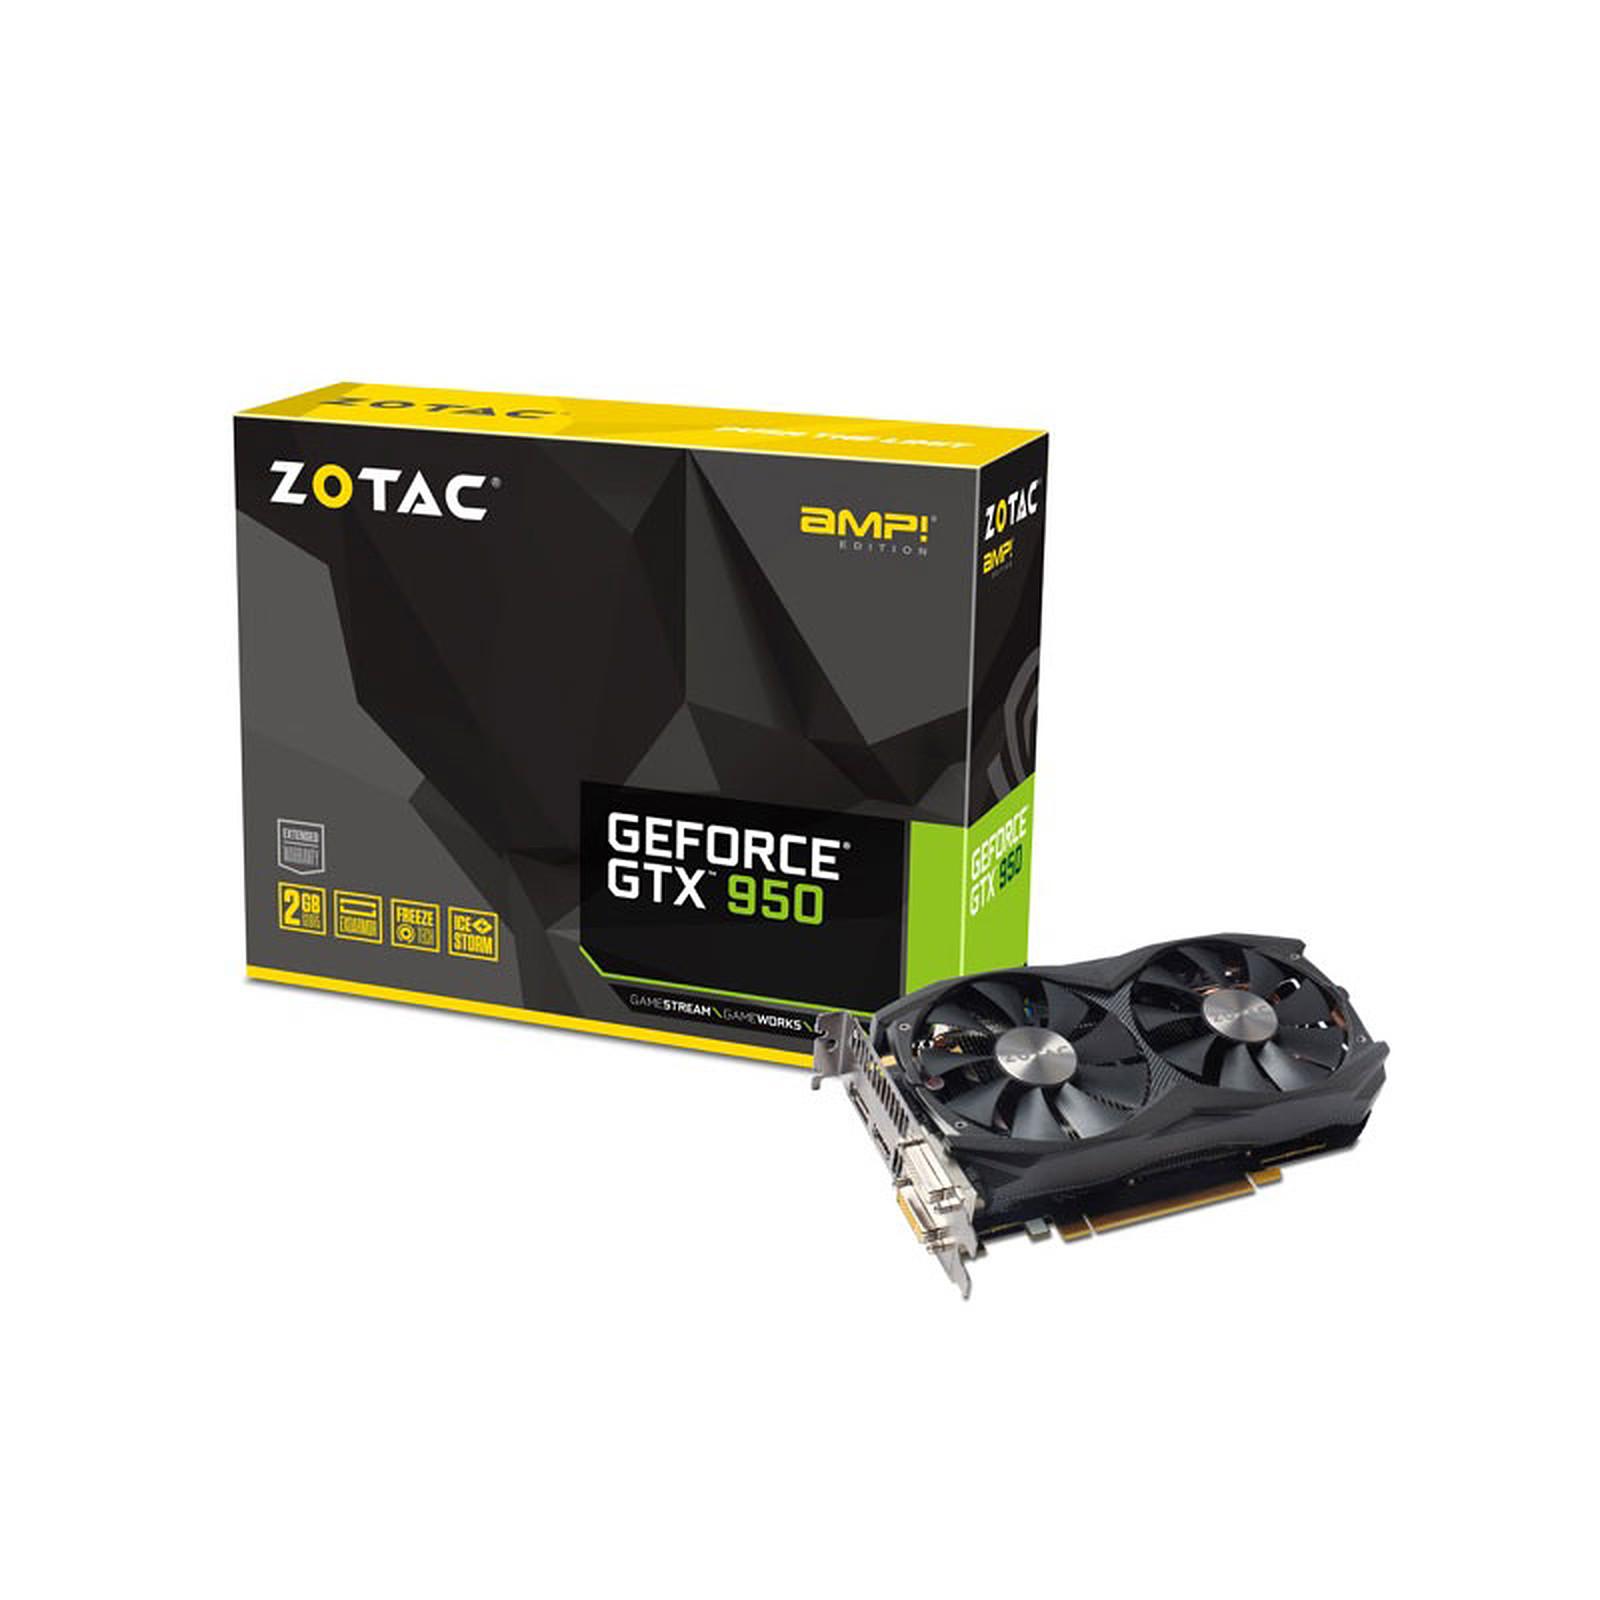 ZOTAC GeForce GTX 950 AMP! Edition